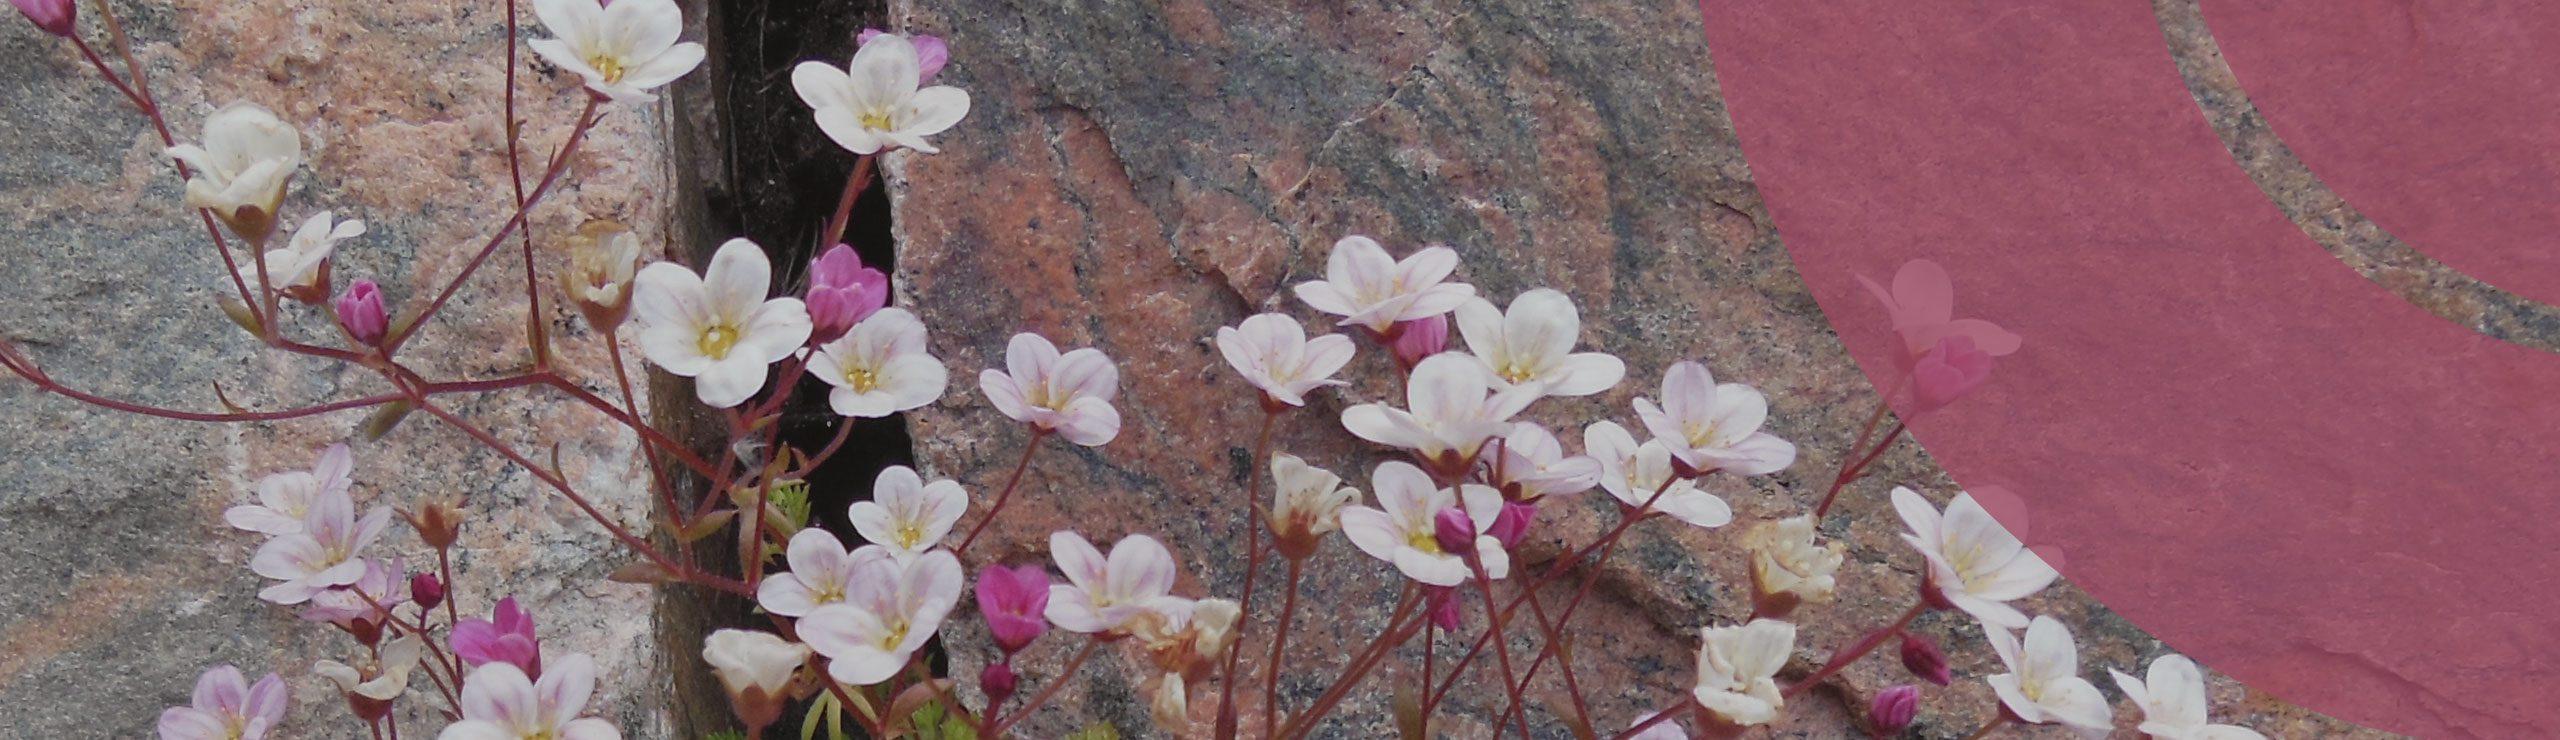 Steinwand mit Blumen | Hospizverein Bayreuth